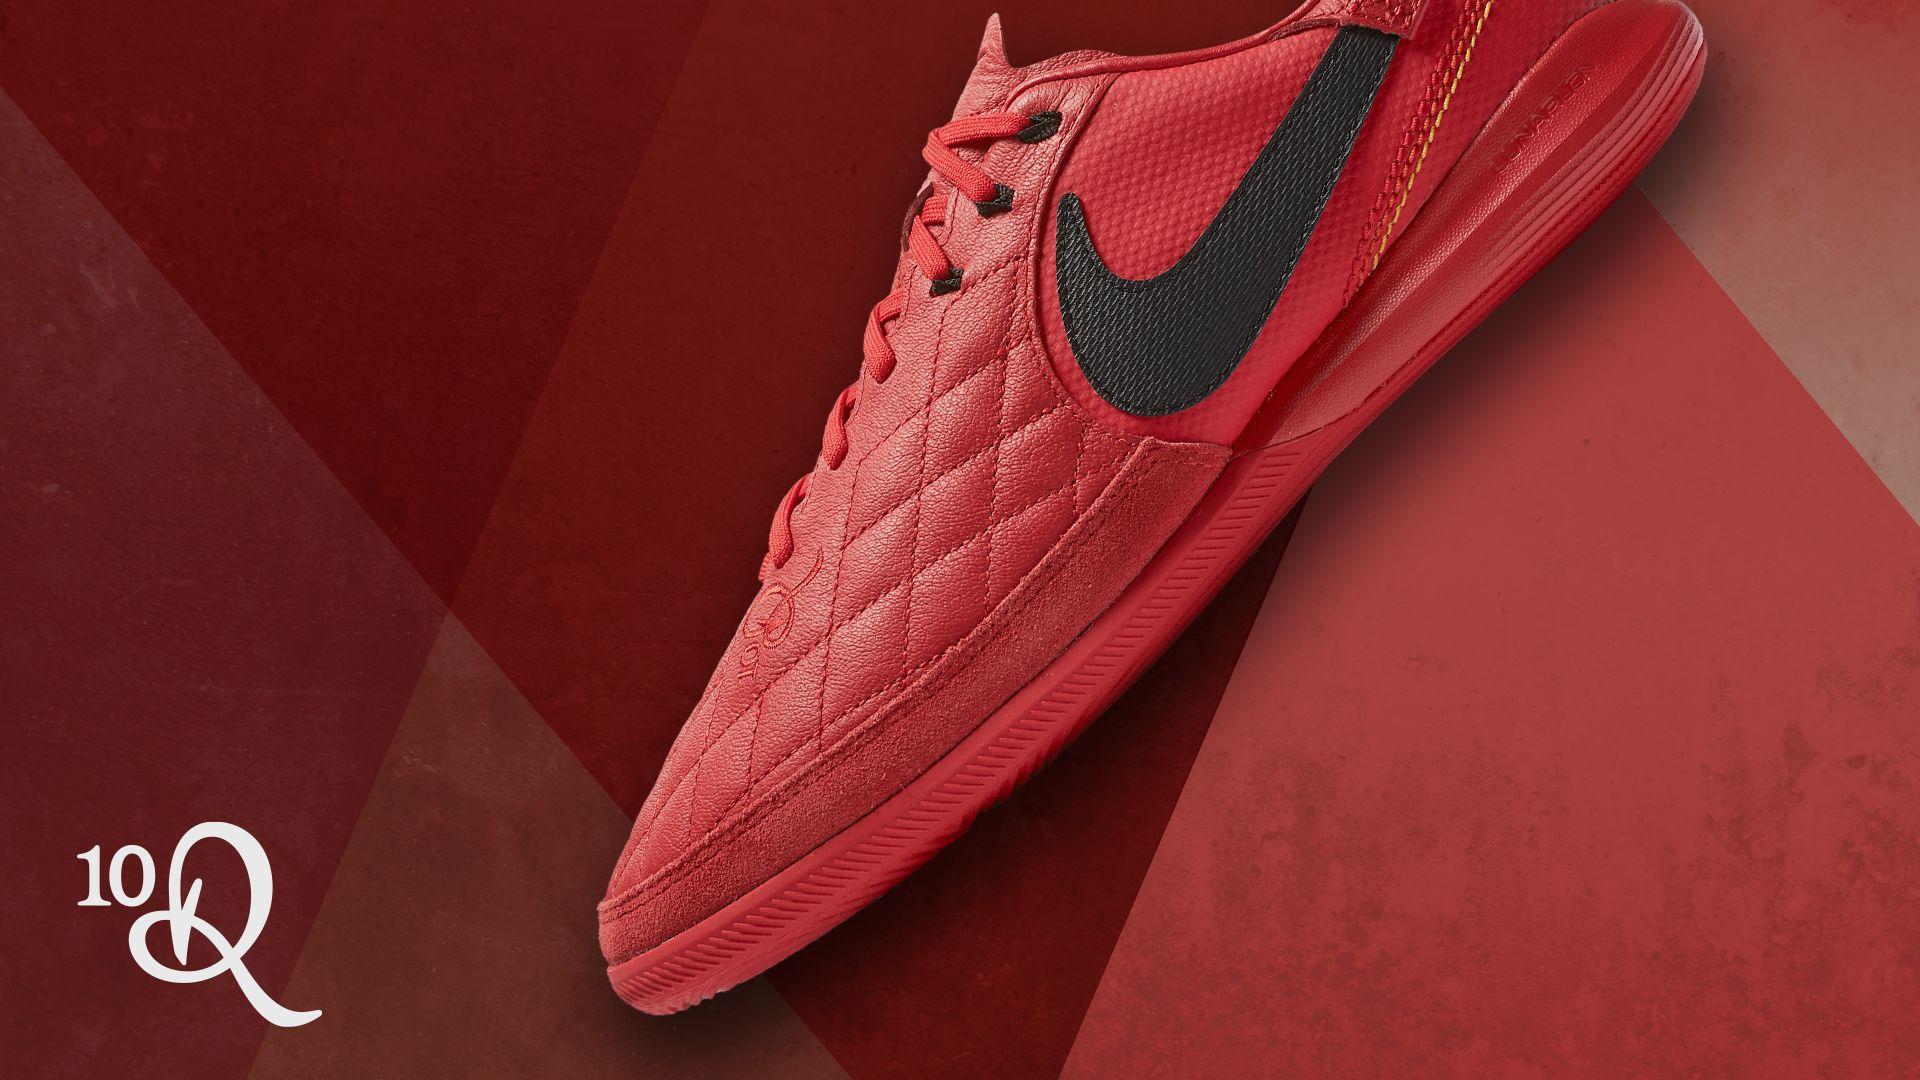 ad6dbaceed4 TiempoX Legend 10R IC Milan. Nike.com GB